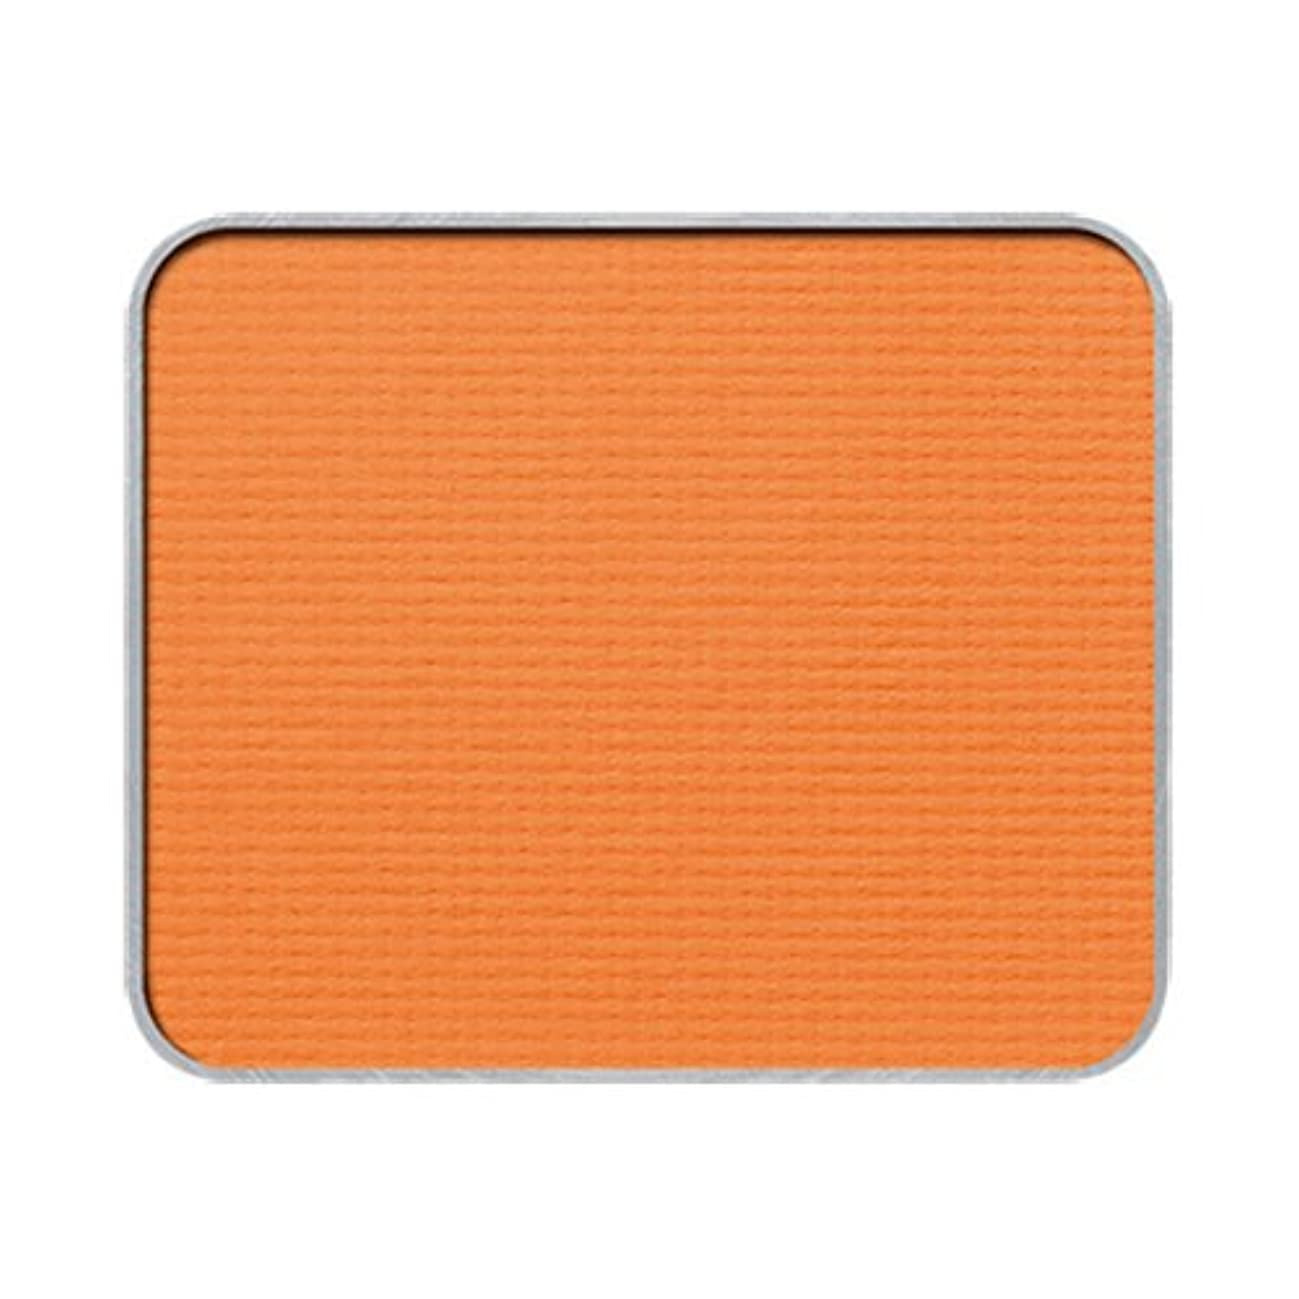 確立より多いランドマークプレスド アイシャドー (レフィル) M オレンジ 250